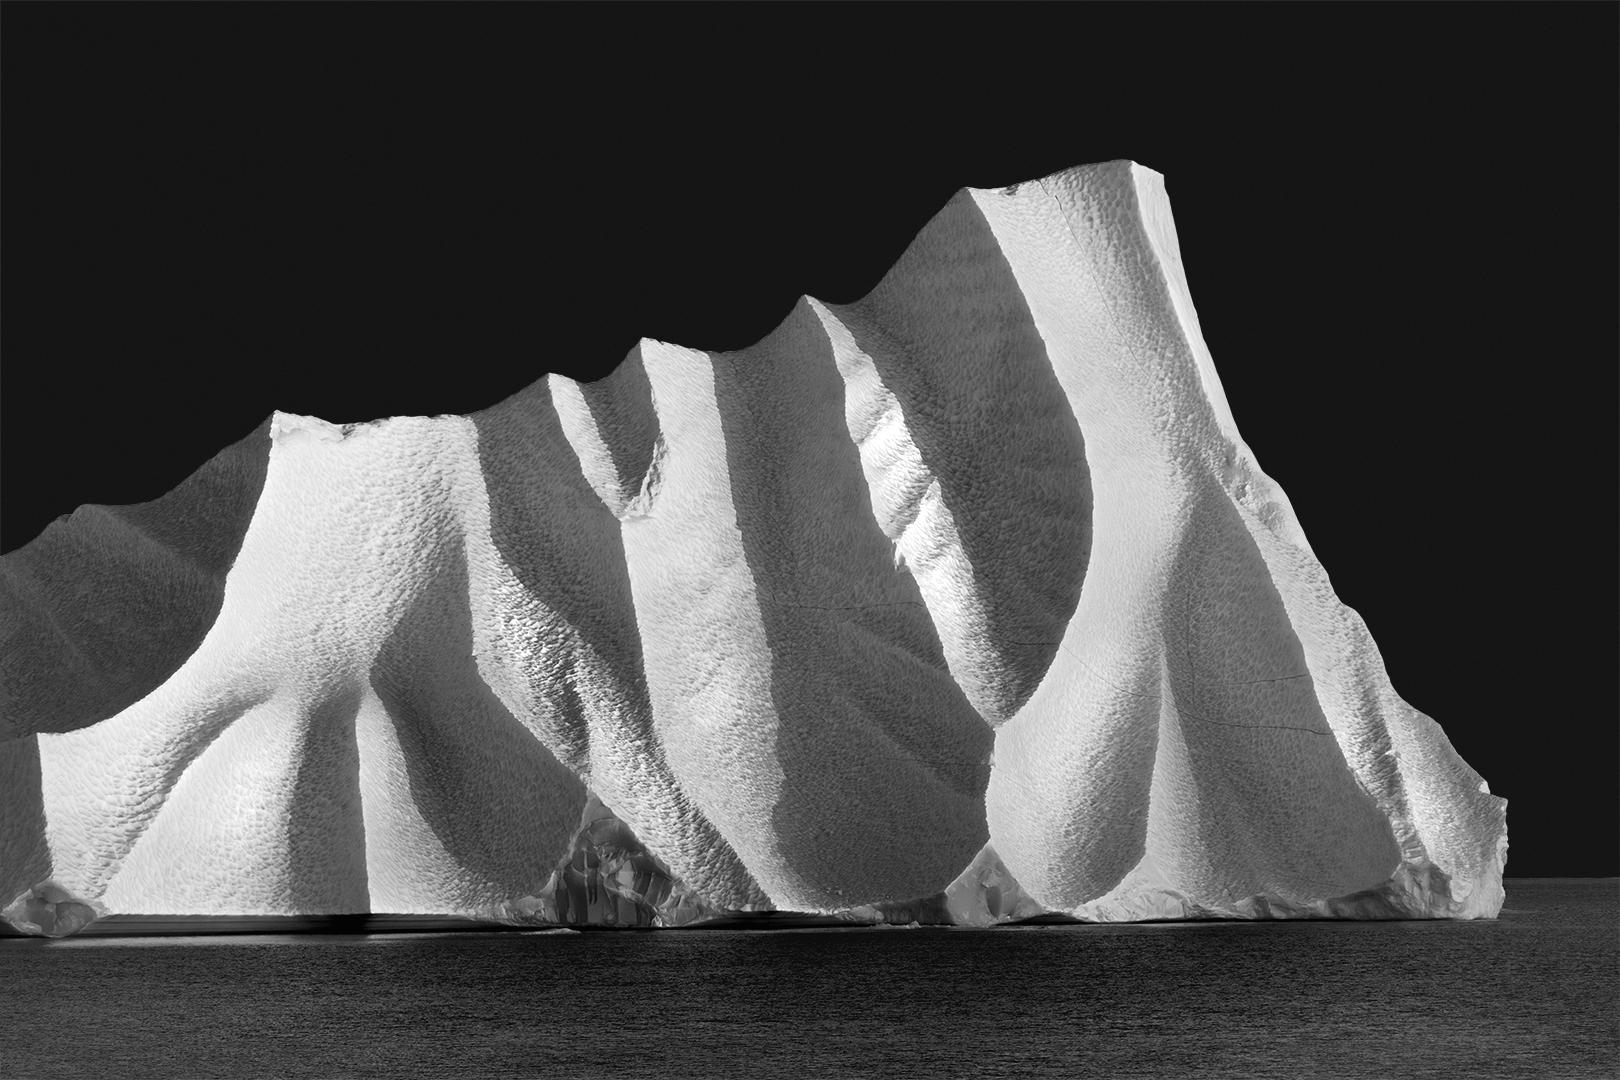 new: Anthropocene - Vanishing Landscapes